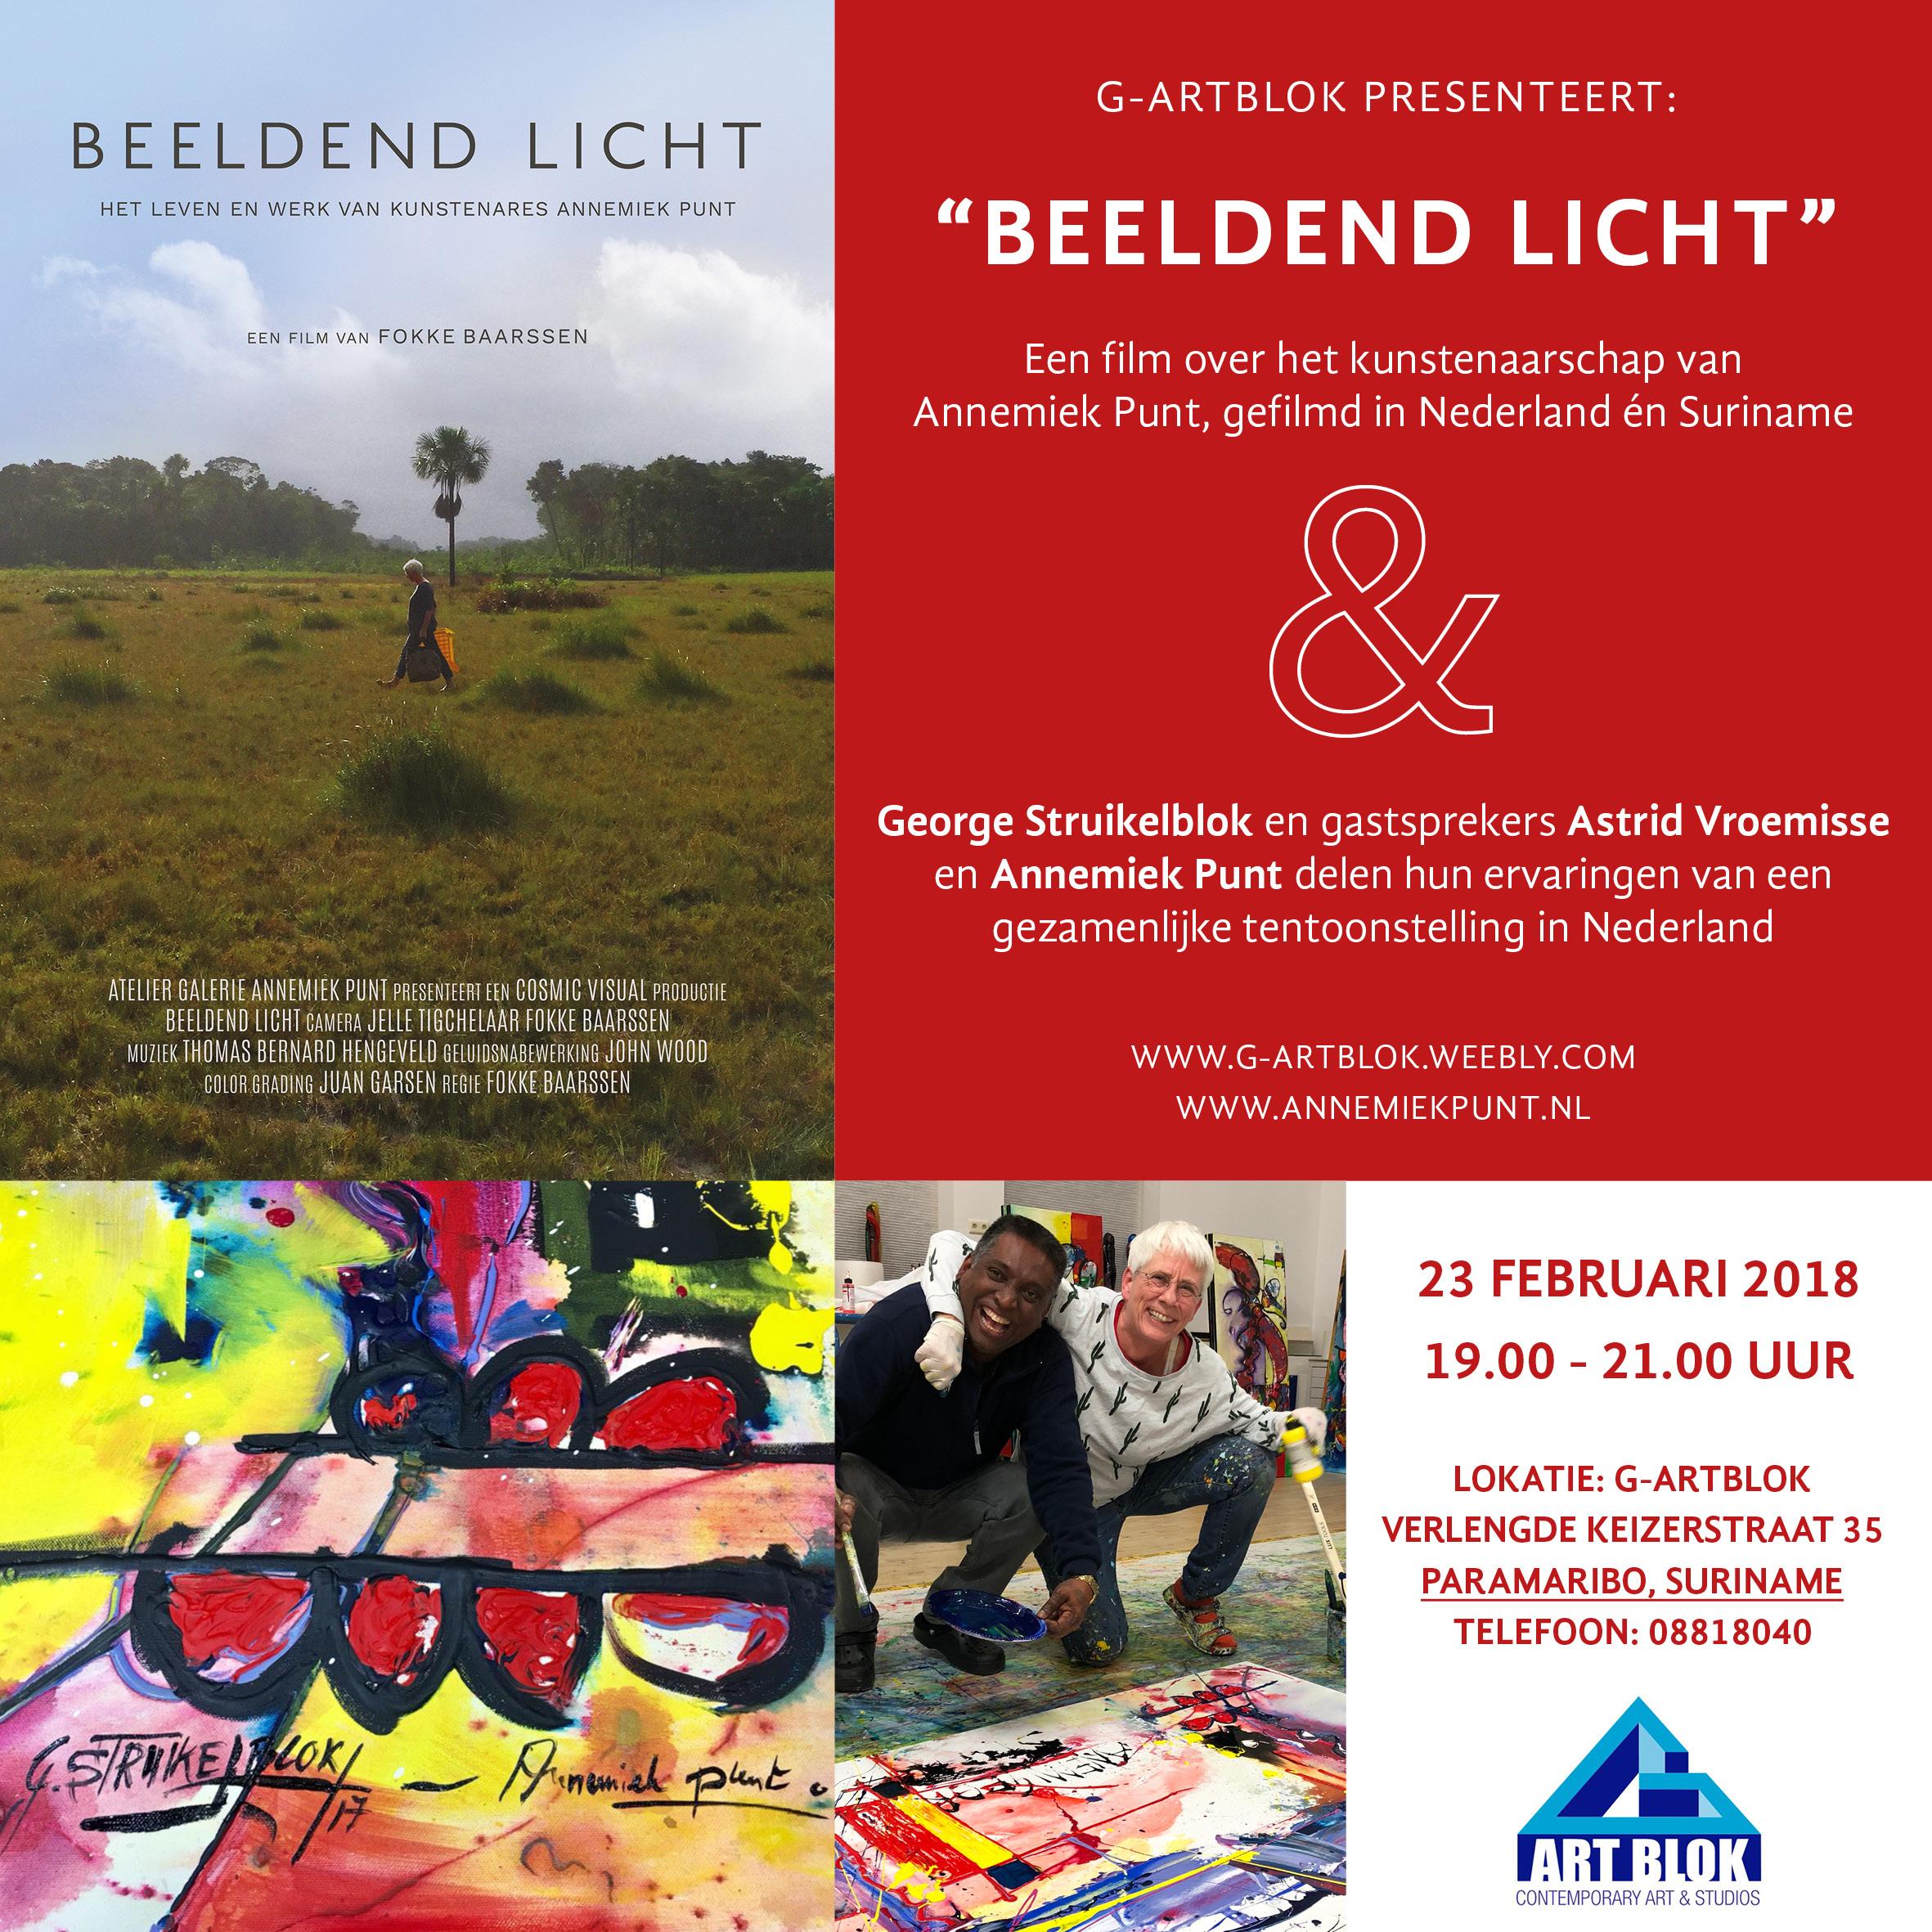 Uitnodiging Beeldend Licht Suriname